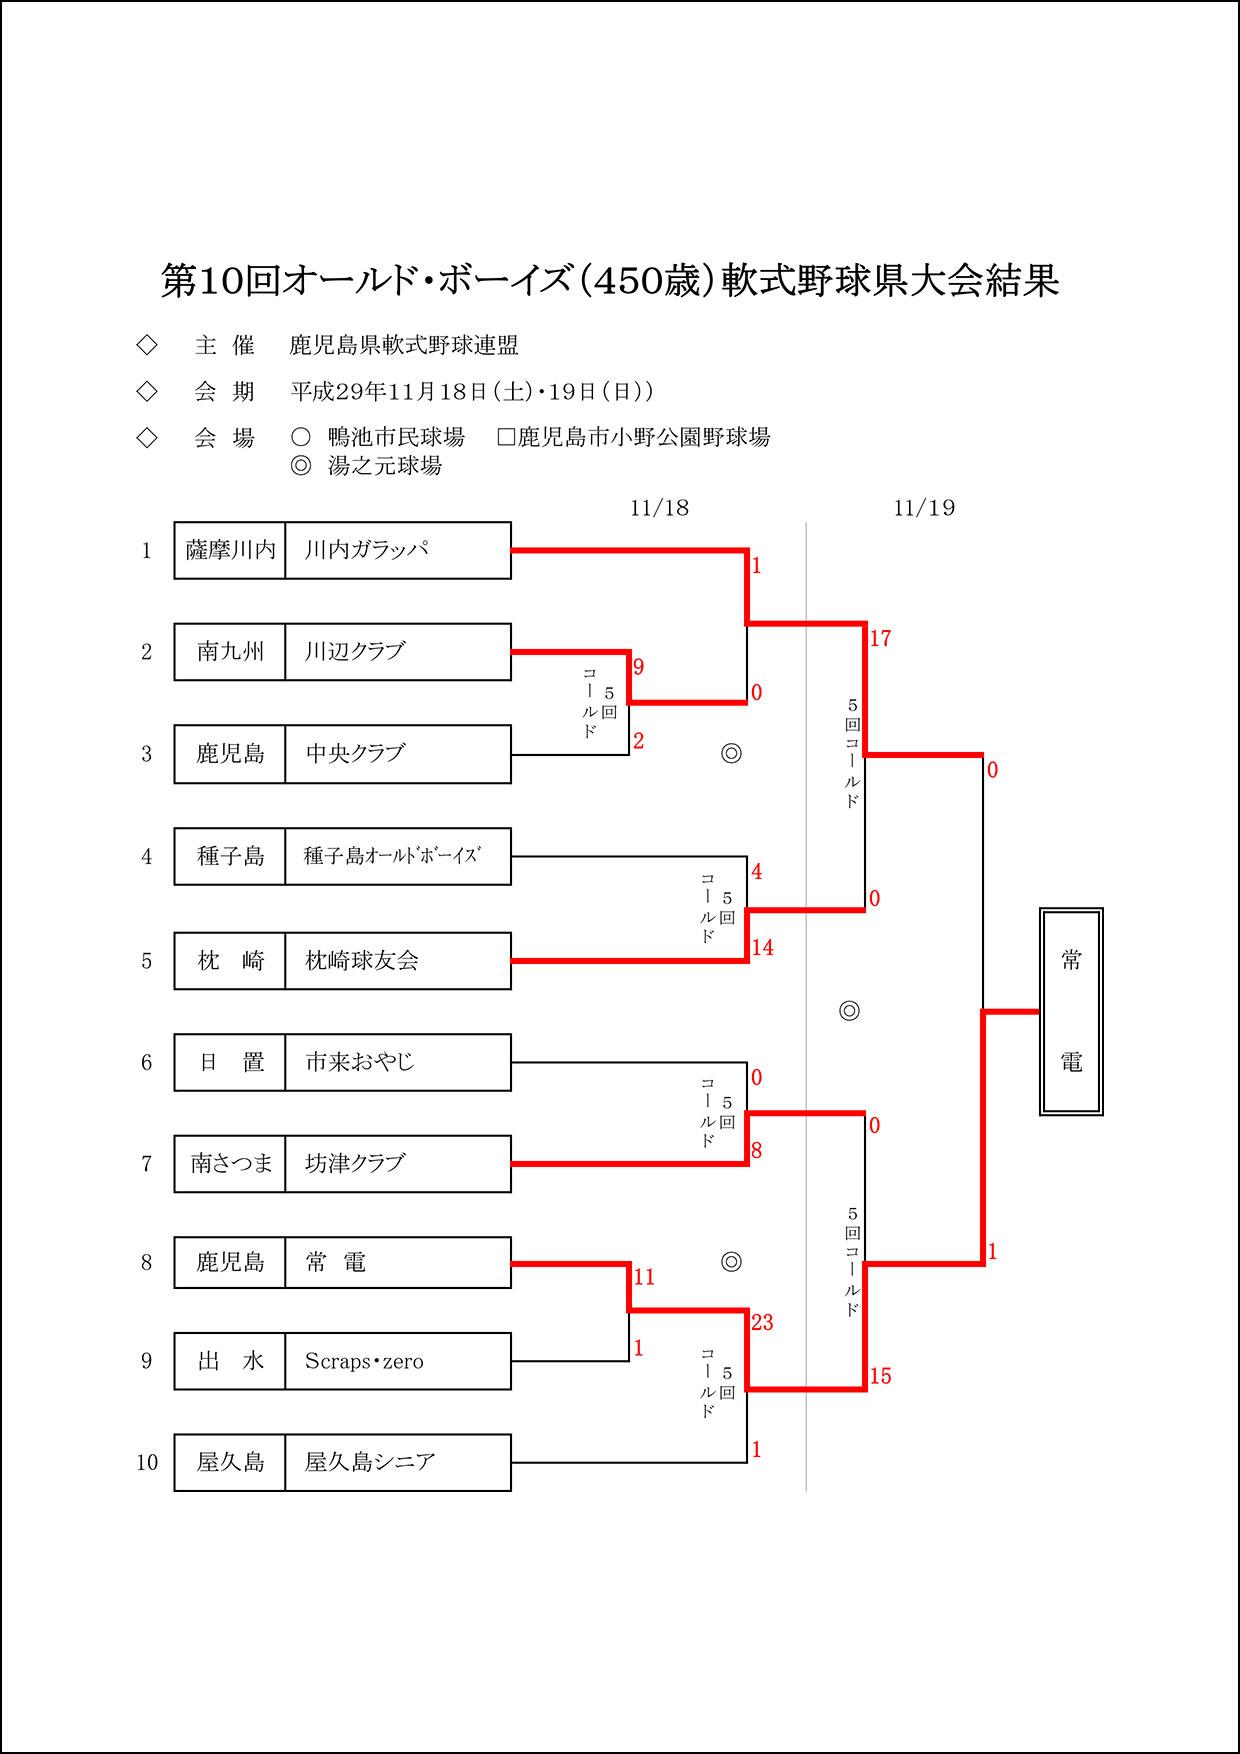 【結果】第10回オールド・ボーイズ(450歳)軟式野球県大会結果